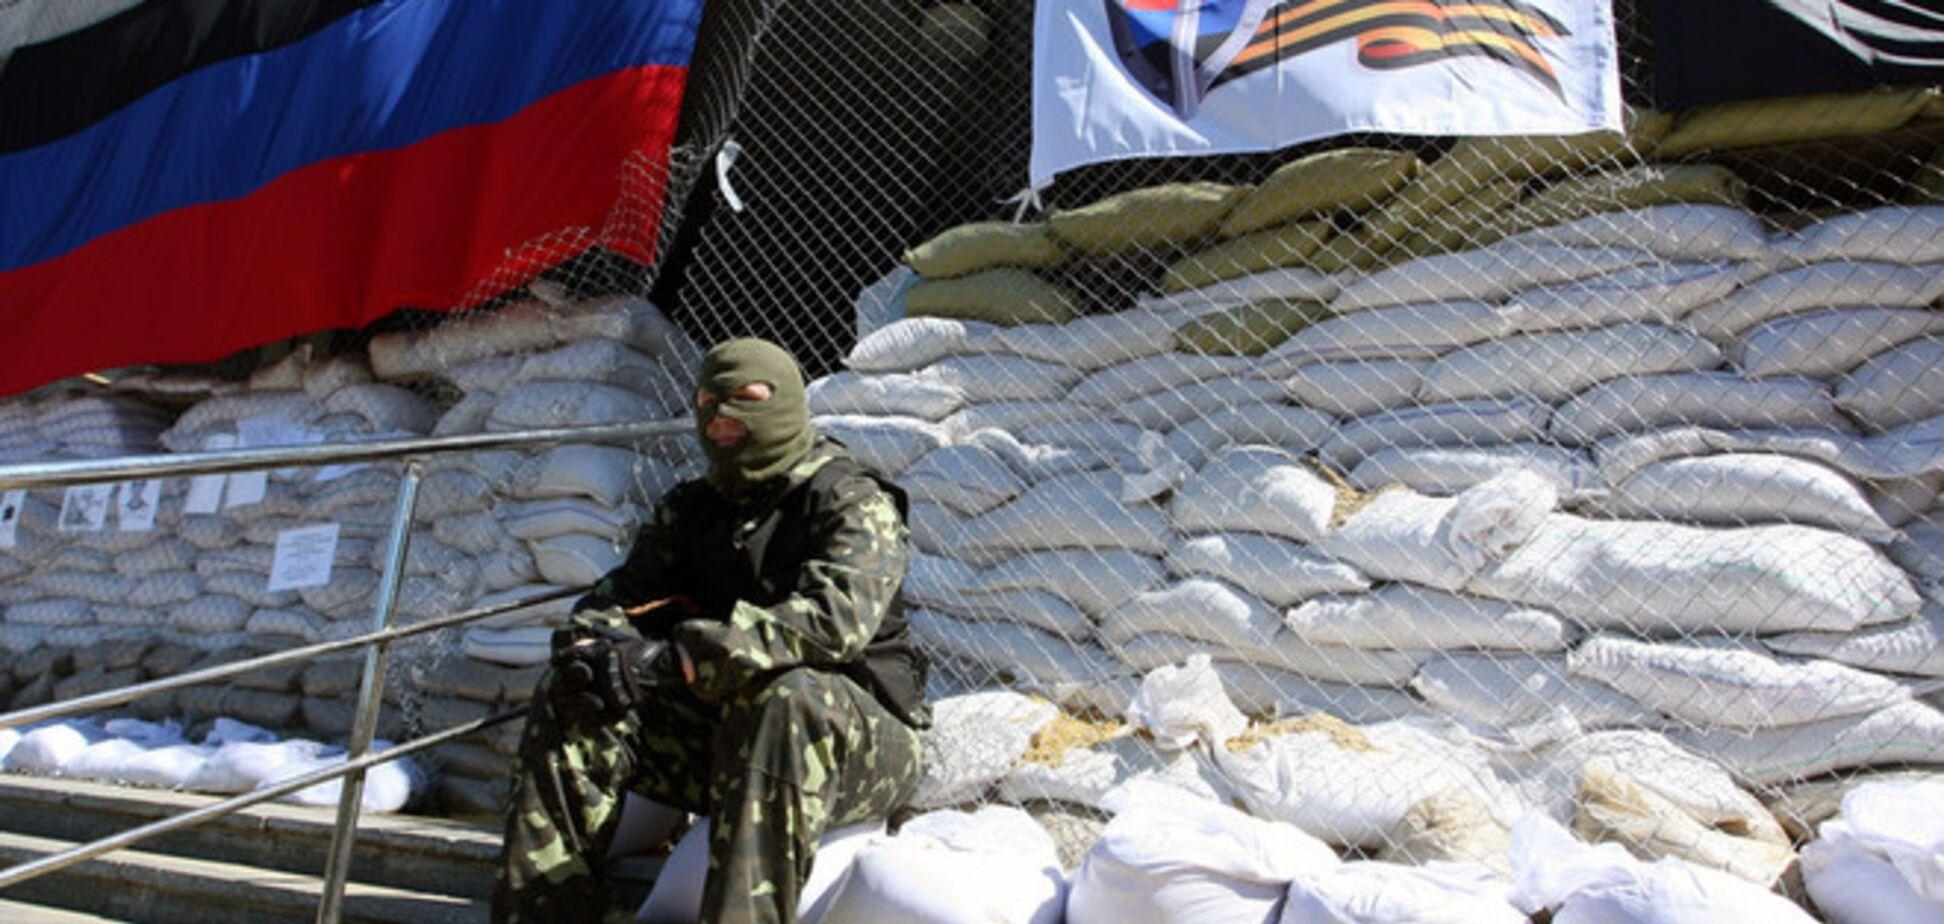 Власти РФ должны ответить за поддержку терроризма - Турчинов